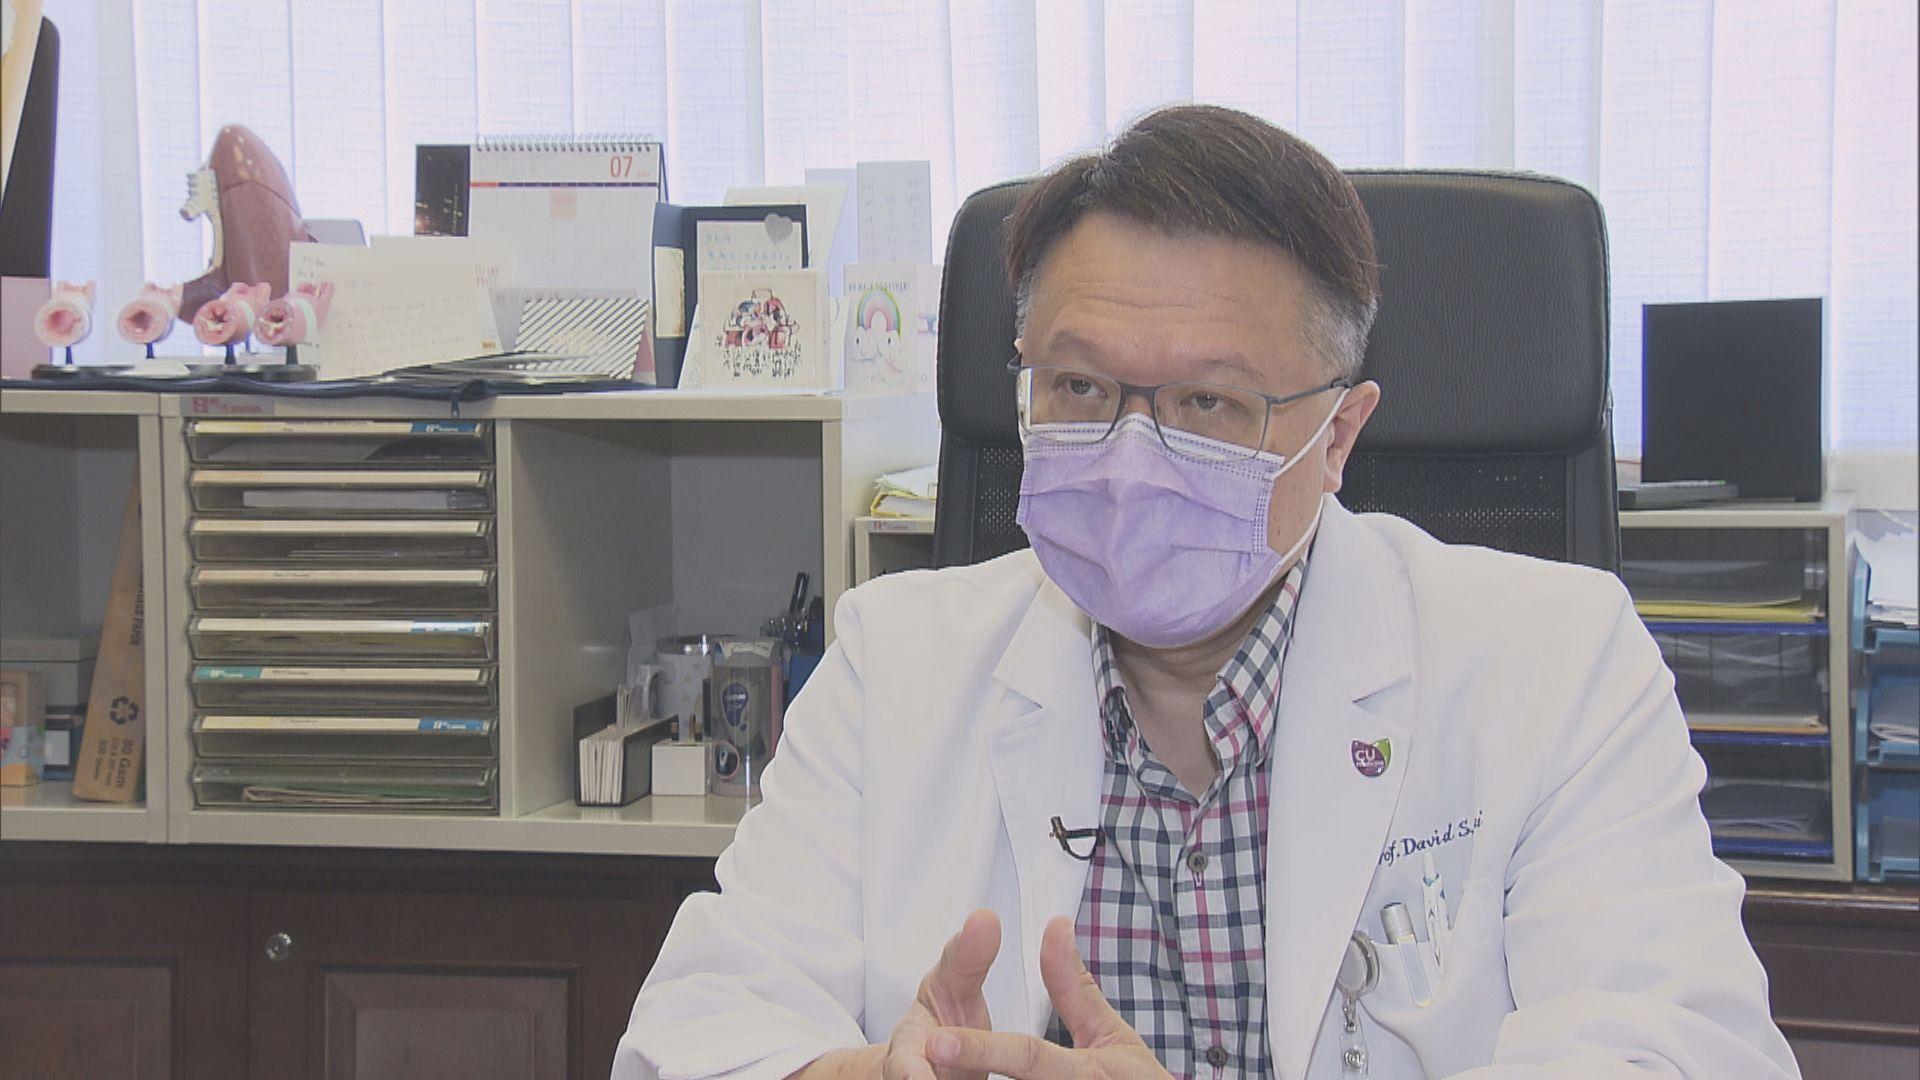 許樹昌:病毒深入社區現階段不宜放寬防疫措施